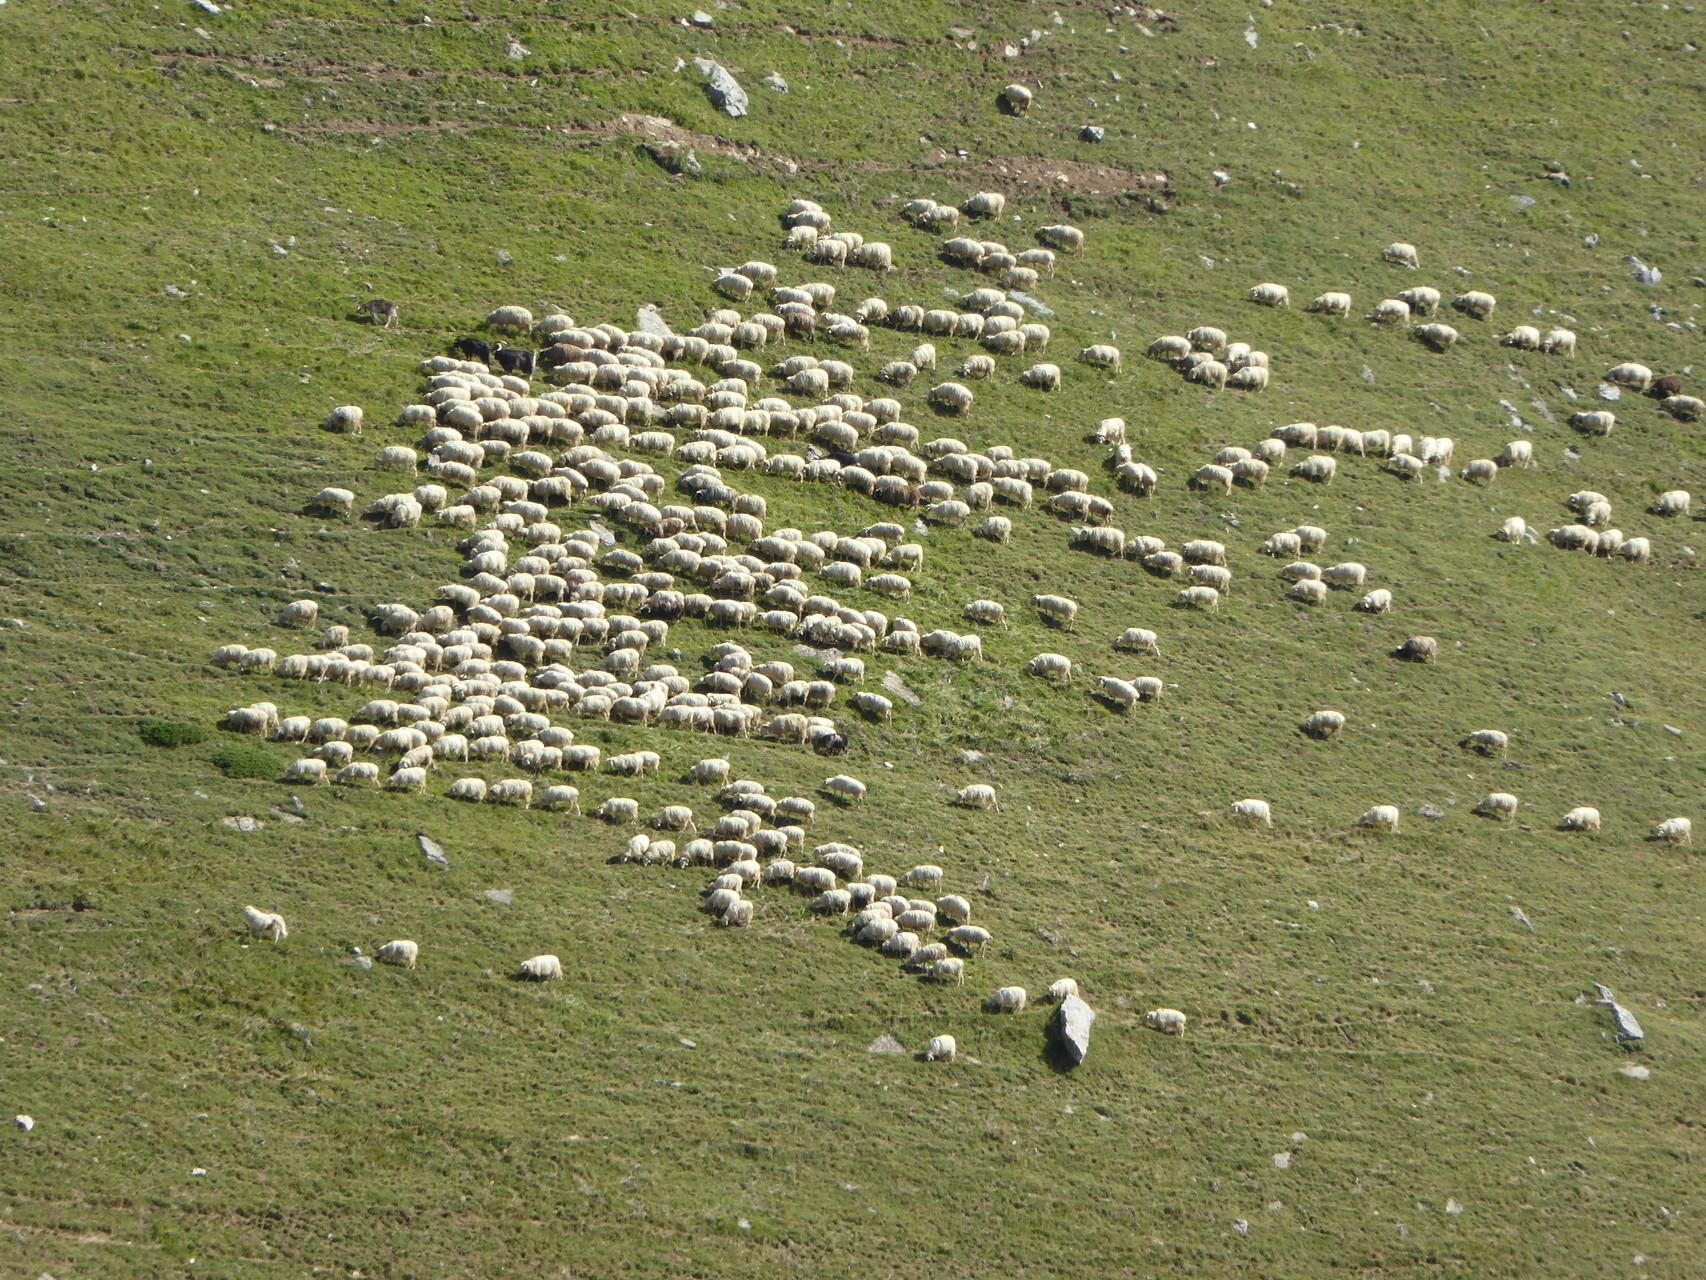 Le troupeau de moutons avec son patou